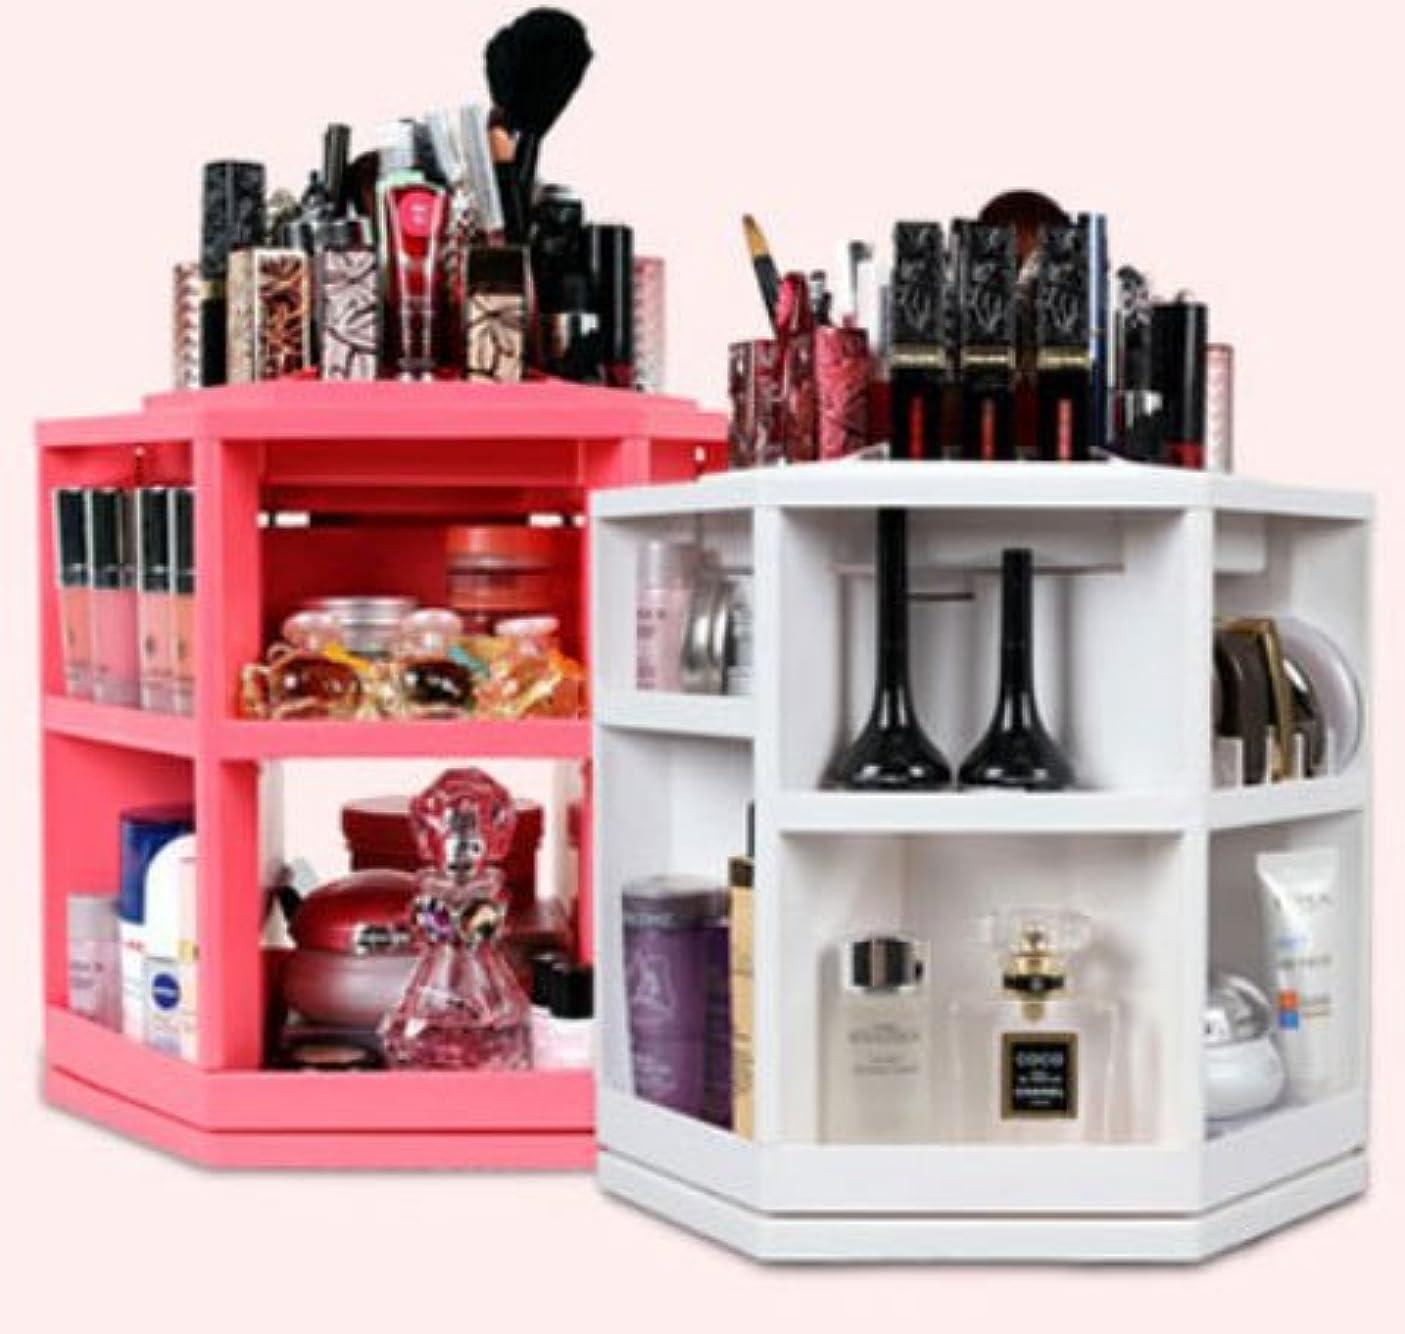 スキッパー明らかに修正するコスメ ボックス,化粧品 収納、楽、簡単、回転する化粧品収納整理台、ピンク色